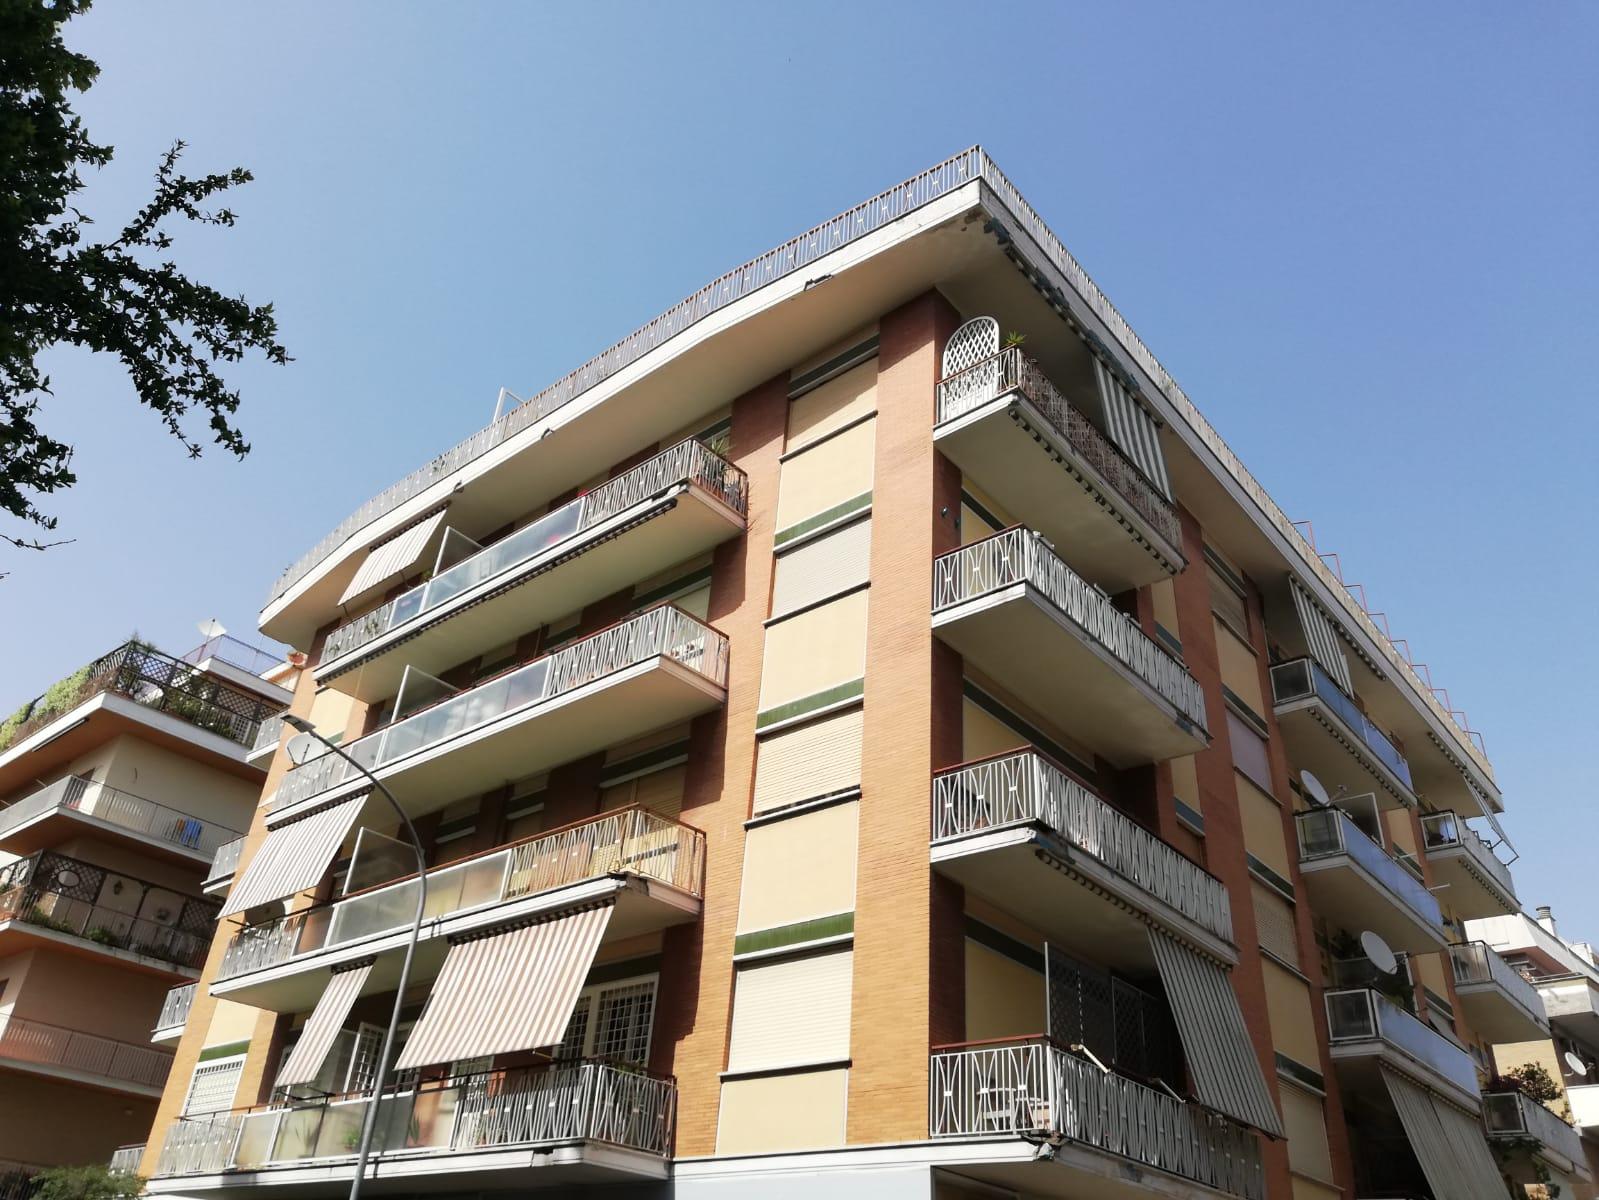 Attico in Affitto a Roma: 2 locali, 70 mq